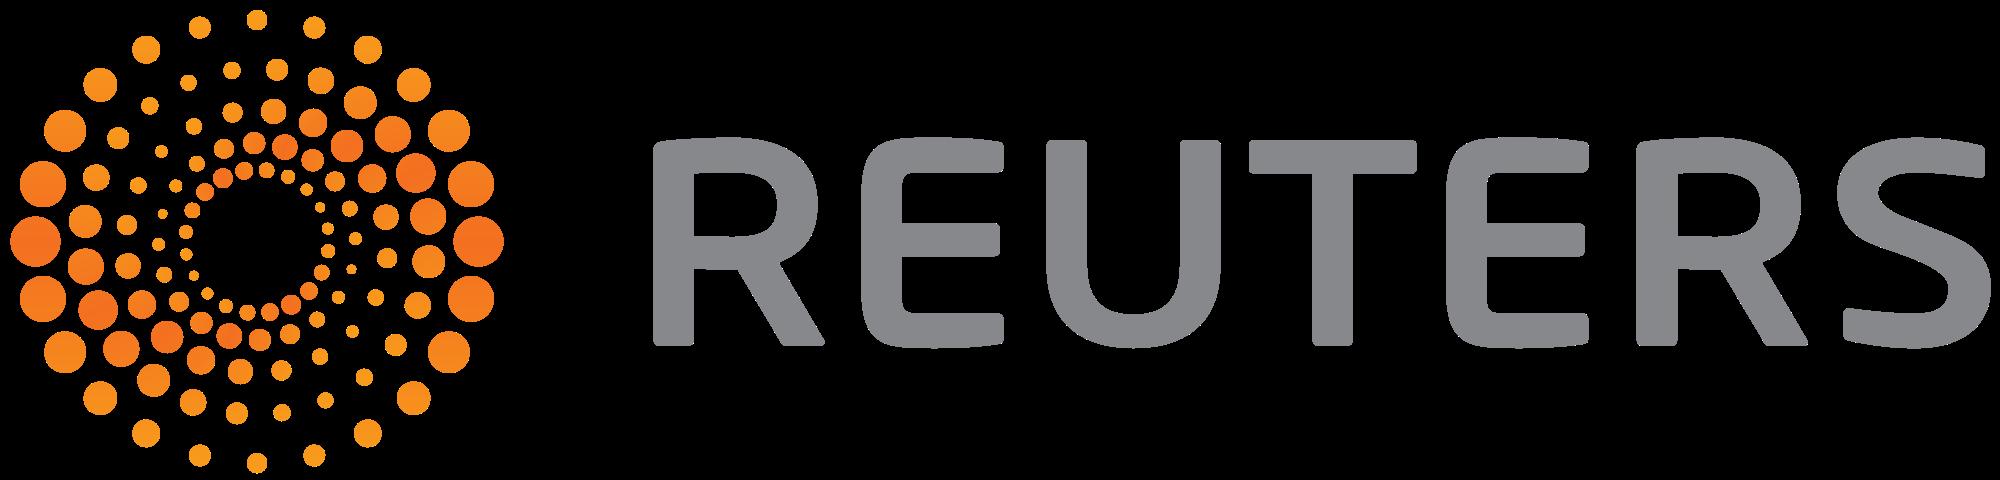 Reuters_logo-ba88e7597433e66c89fe32a5def089d6